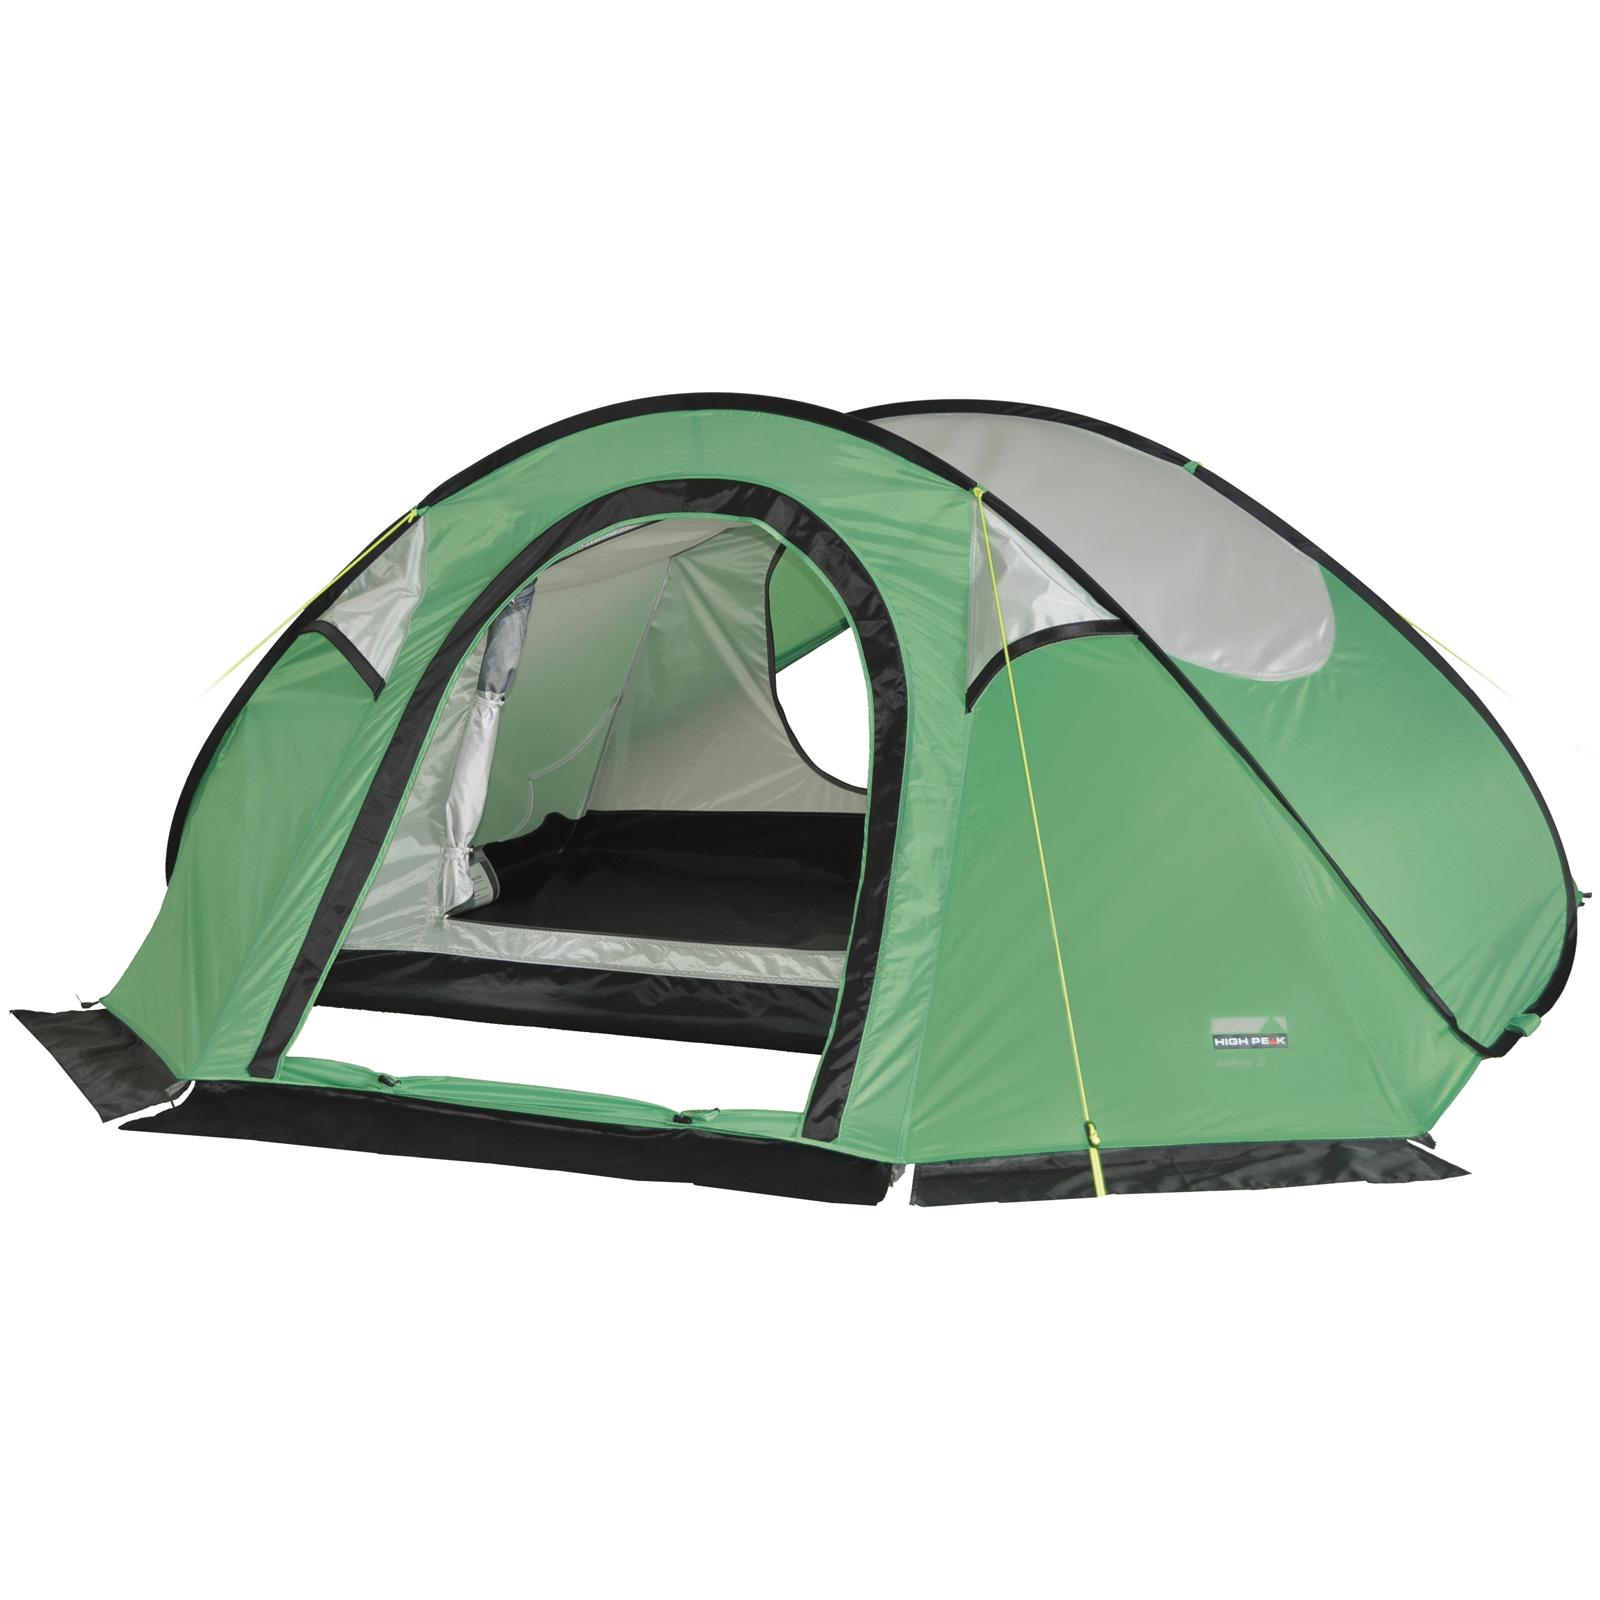 high peak salina 2 personen pop up zelt wurfzelt 2000 mm. Black Bedroom Furniture Sets. Home Design Ideas